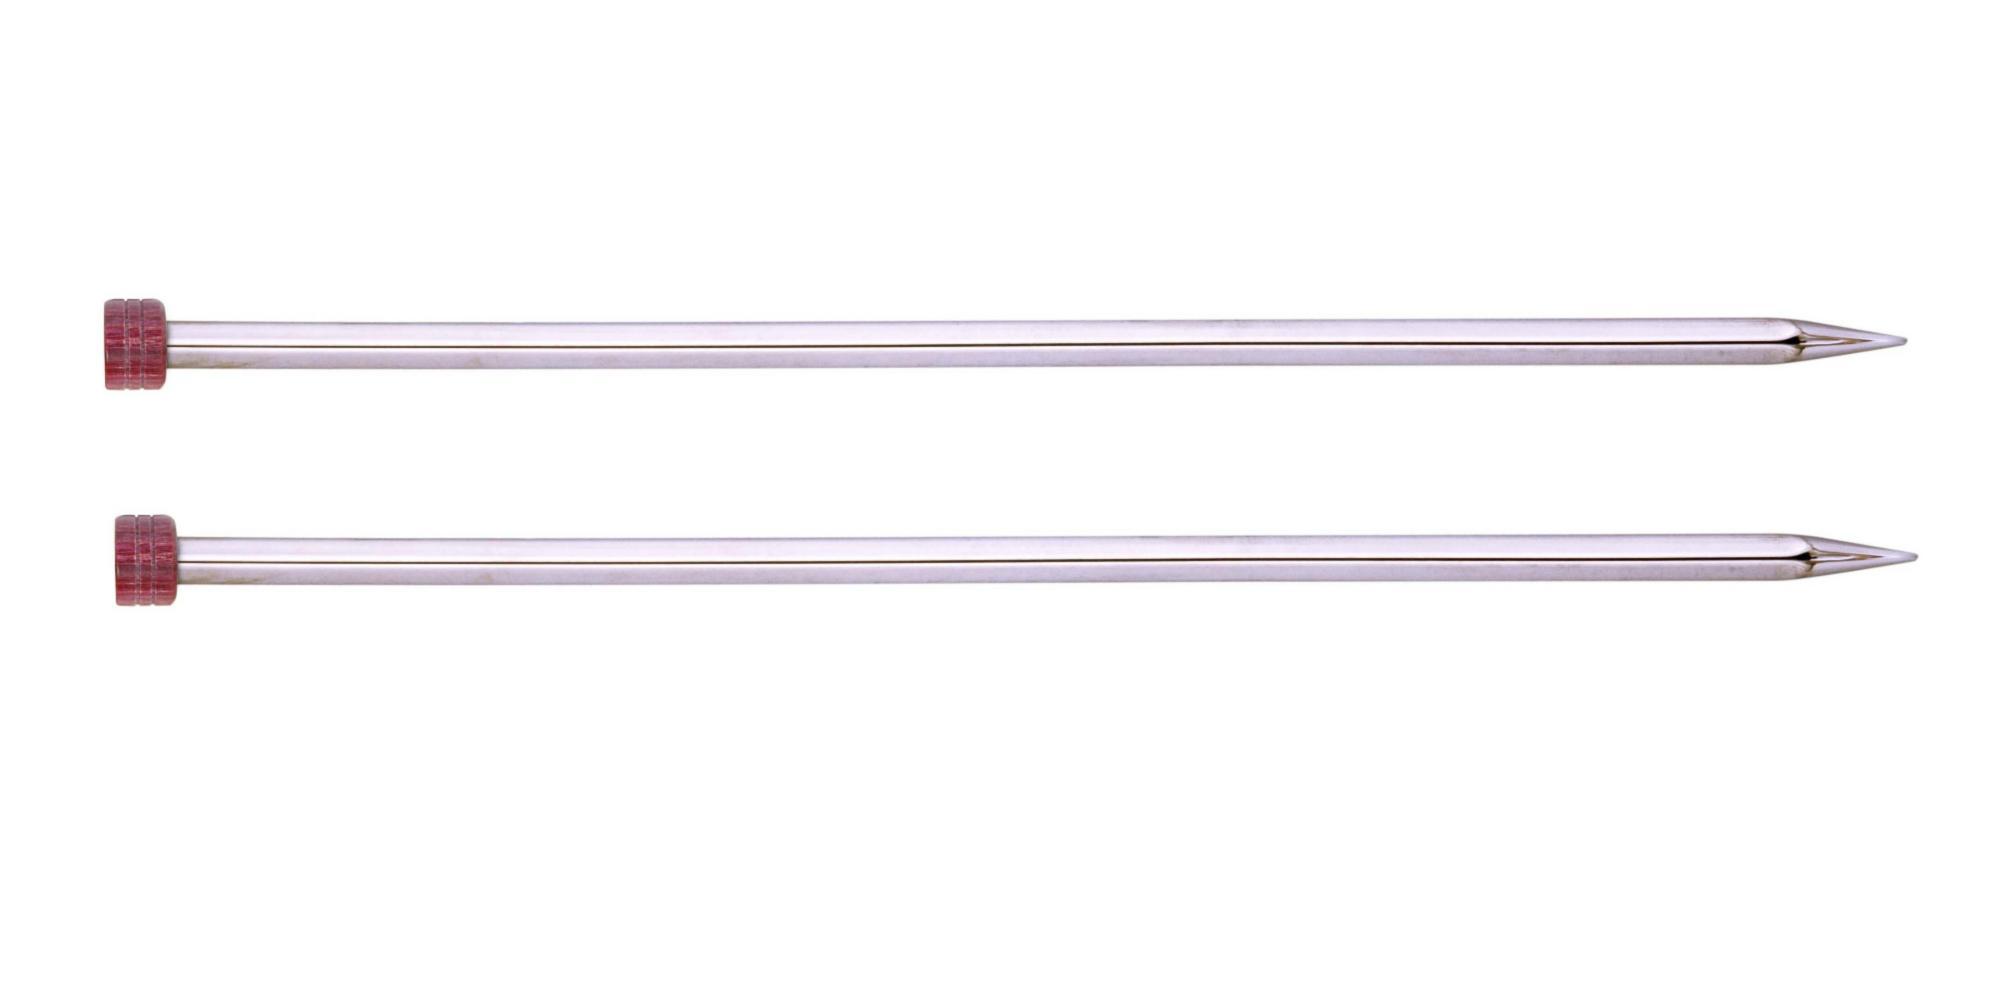 Спицы прямые 30 см Nova Cubics KnitPro, 12283, 7.00 мм